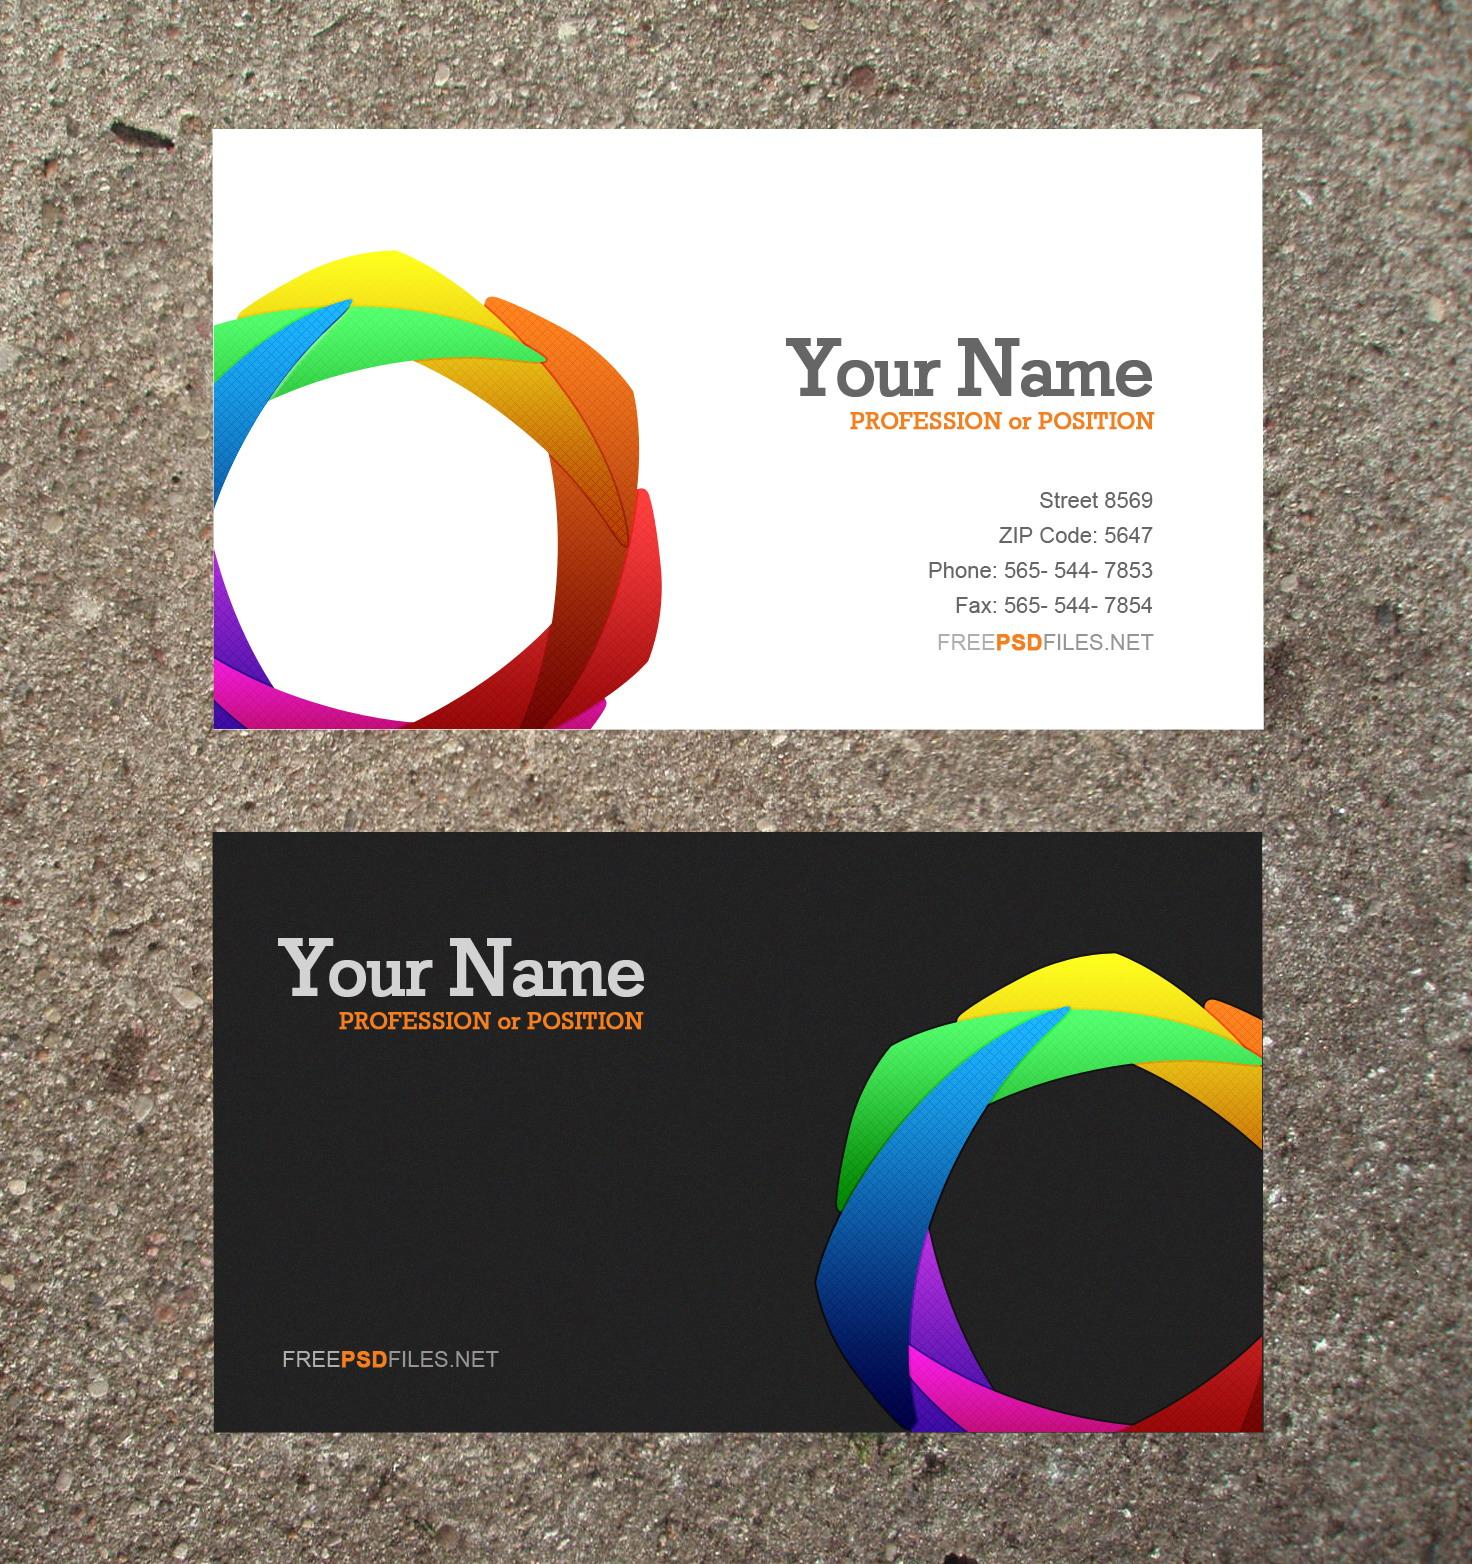 Free Printable Business Card Templates Print Free Online Business - Free Online Business Card Templates Printable